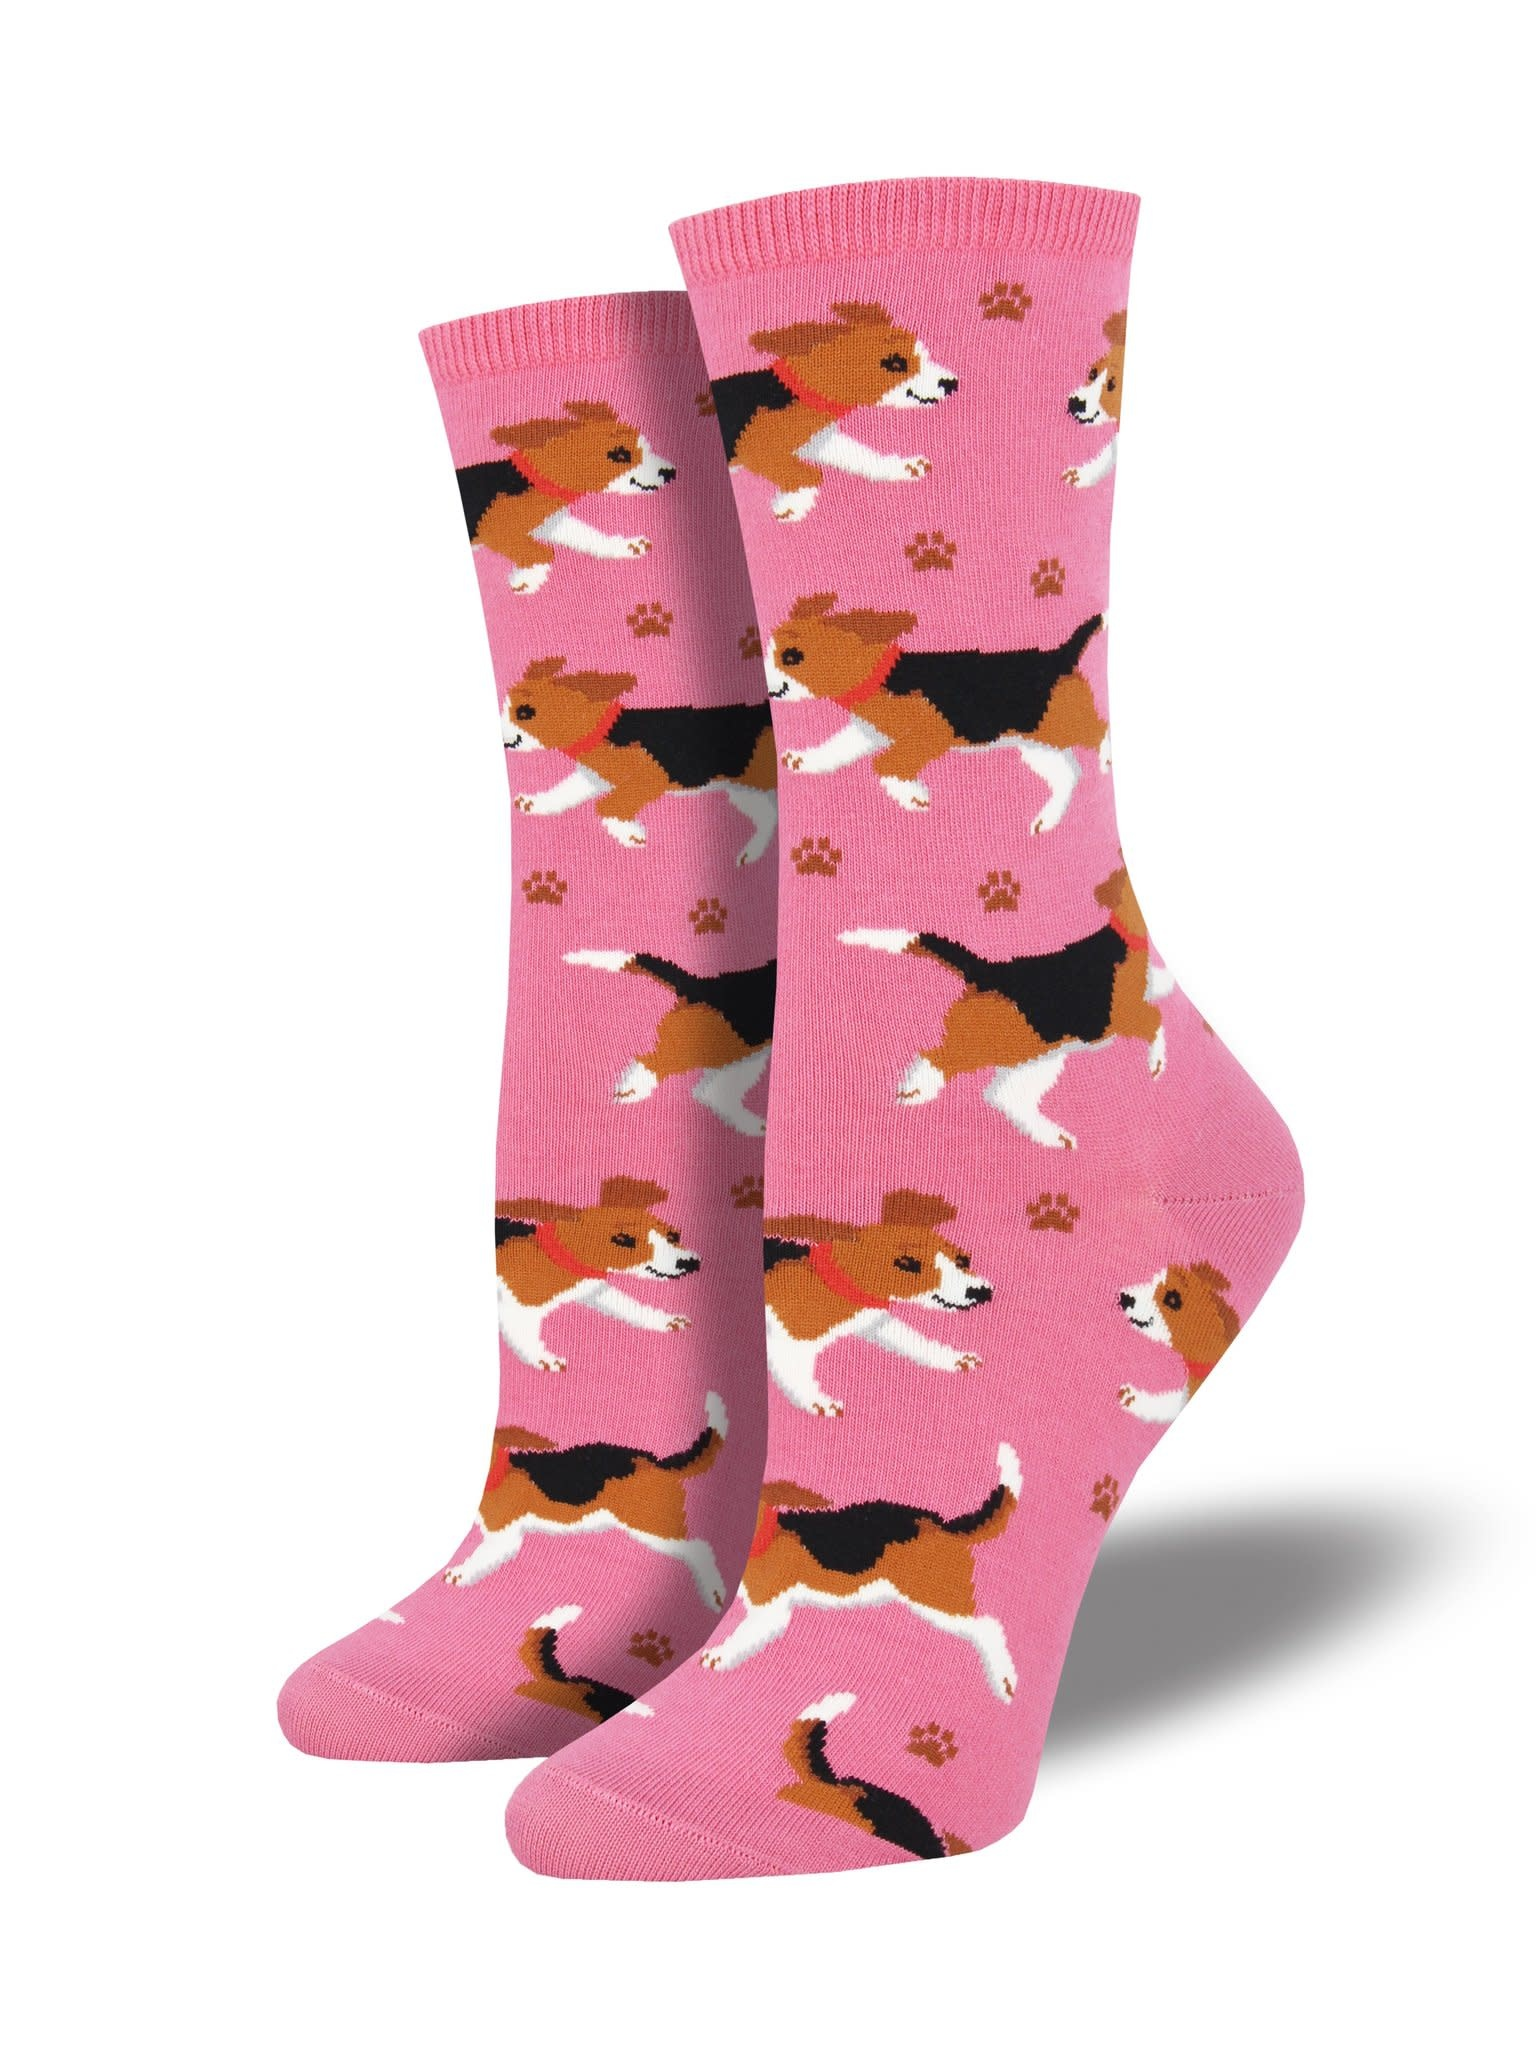 socksmith socksmith puppy prints pink